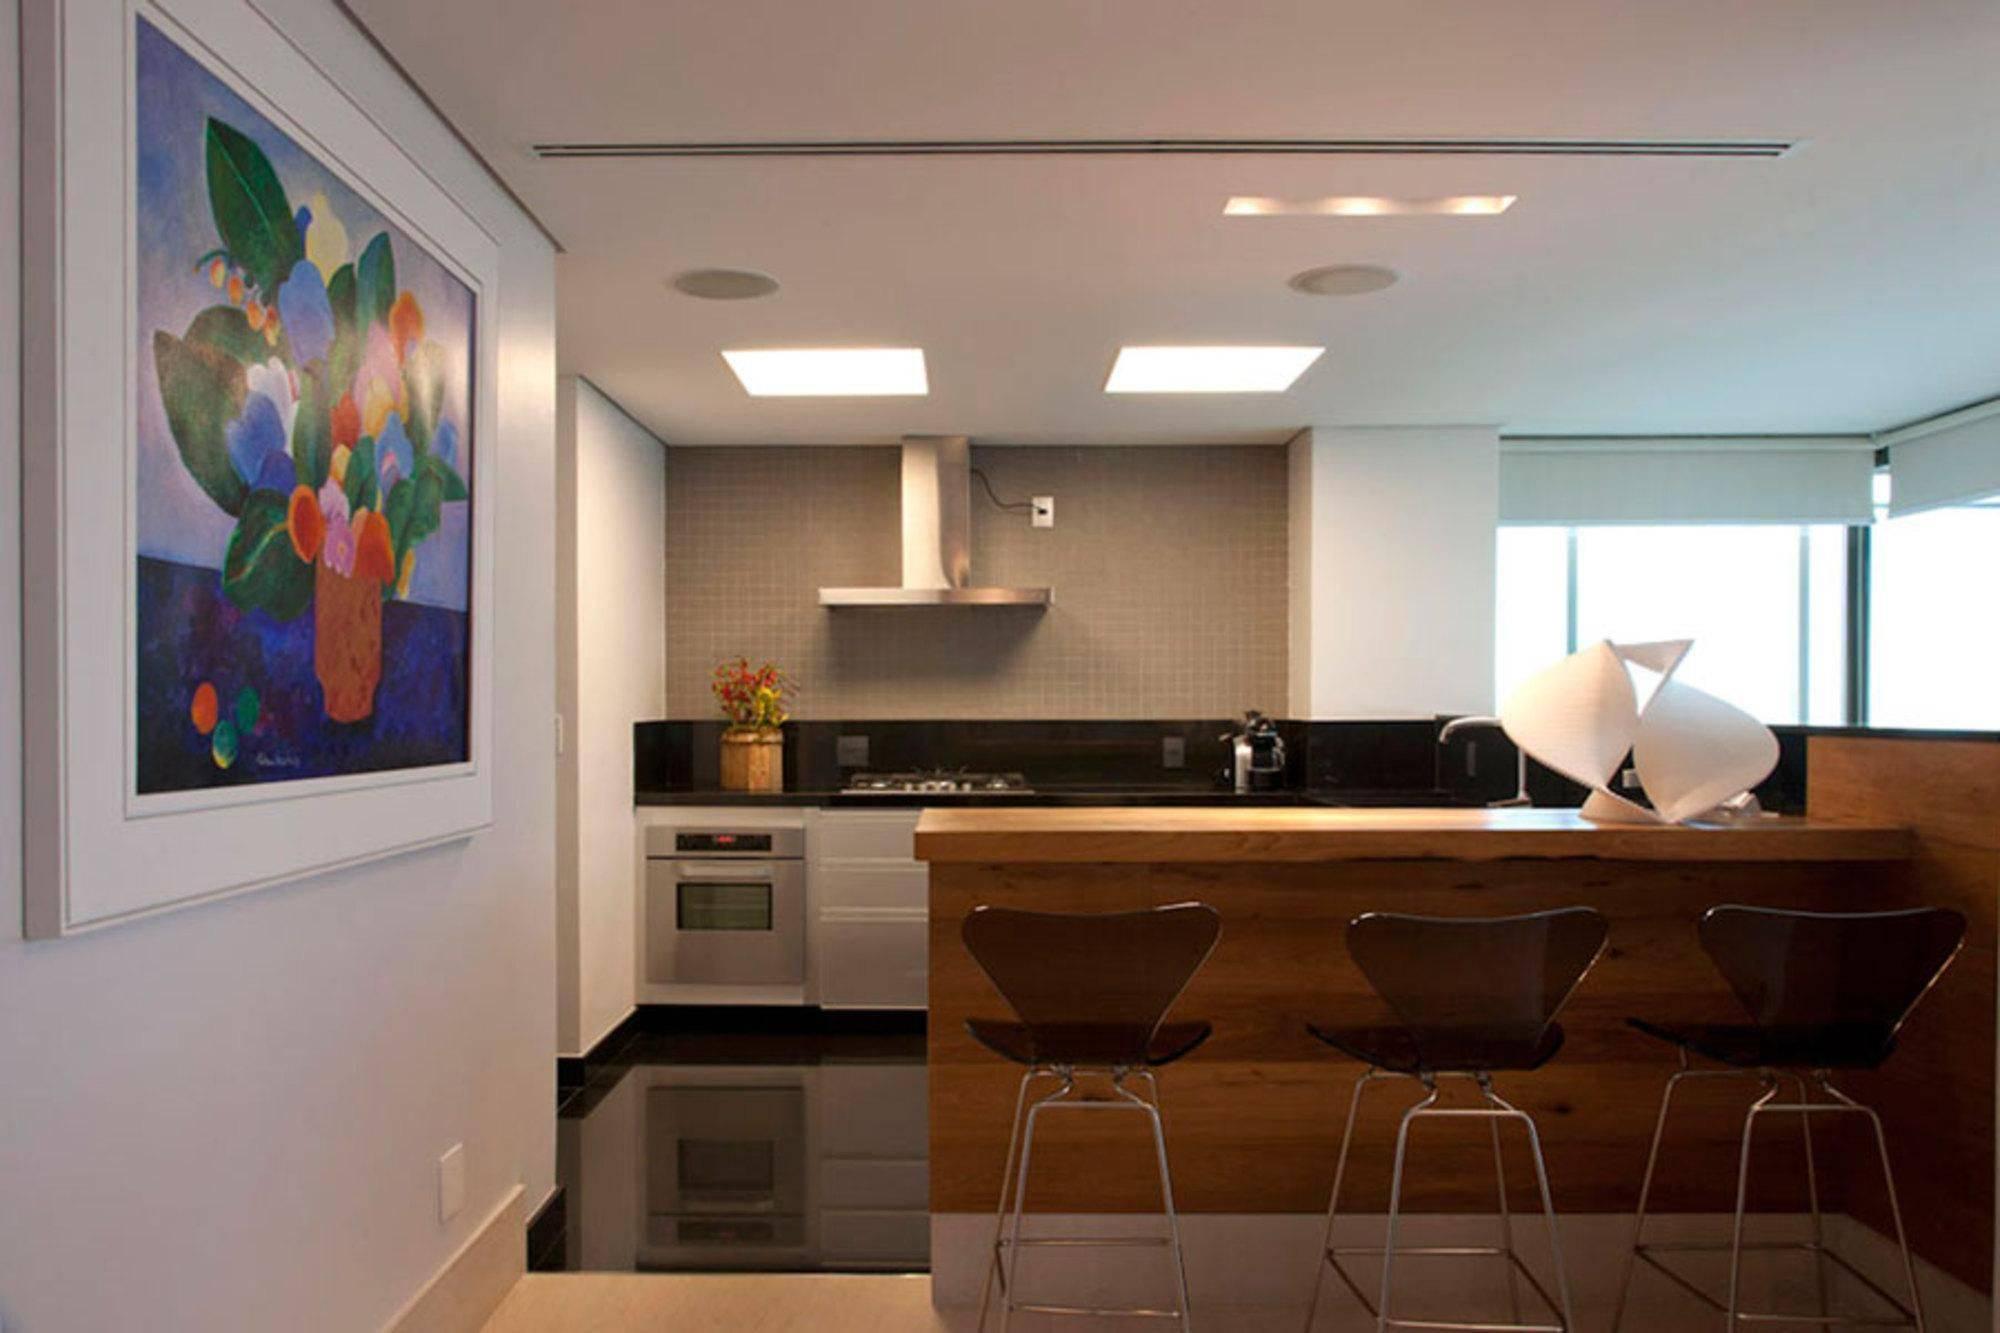 Cozinha americana simples otimizando o espaço #311C12 2000 1333